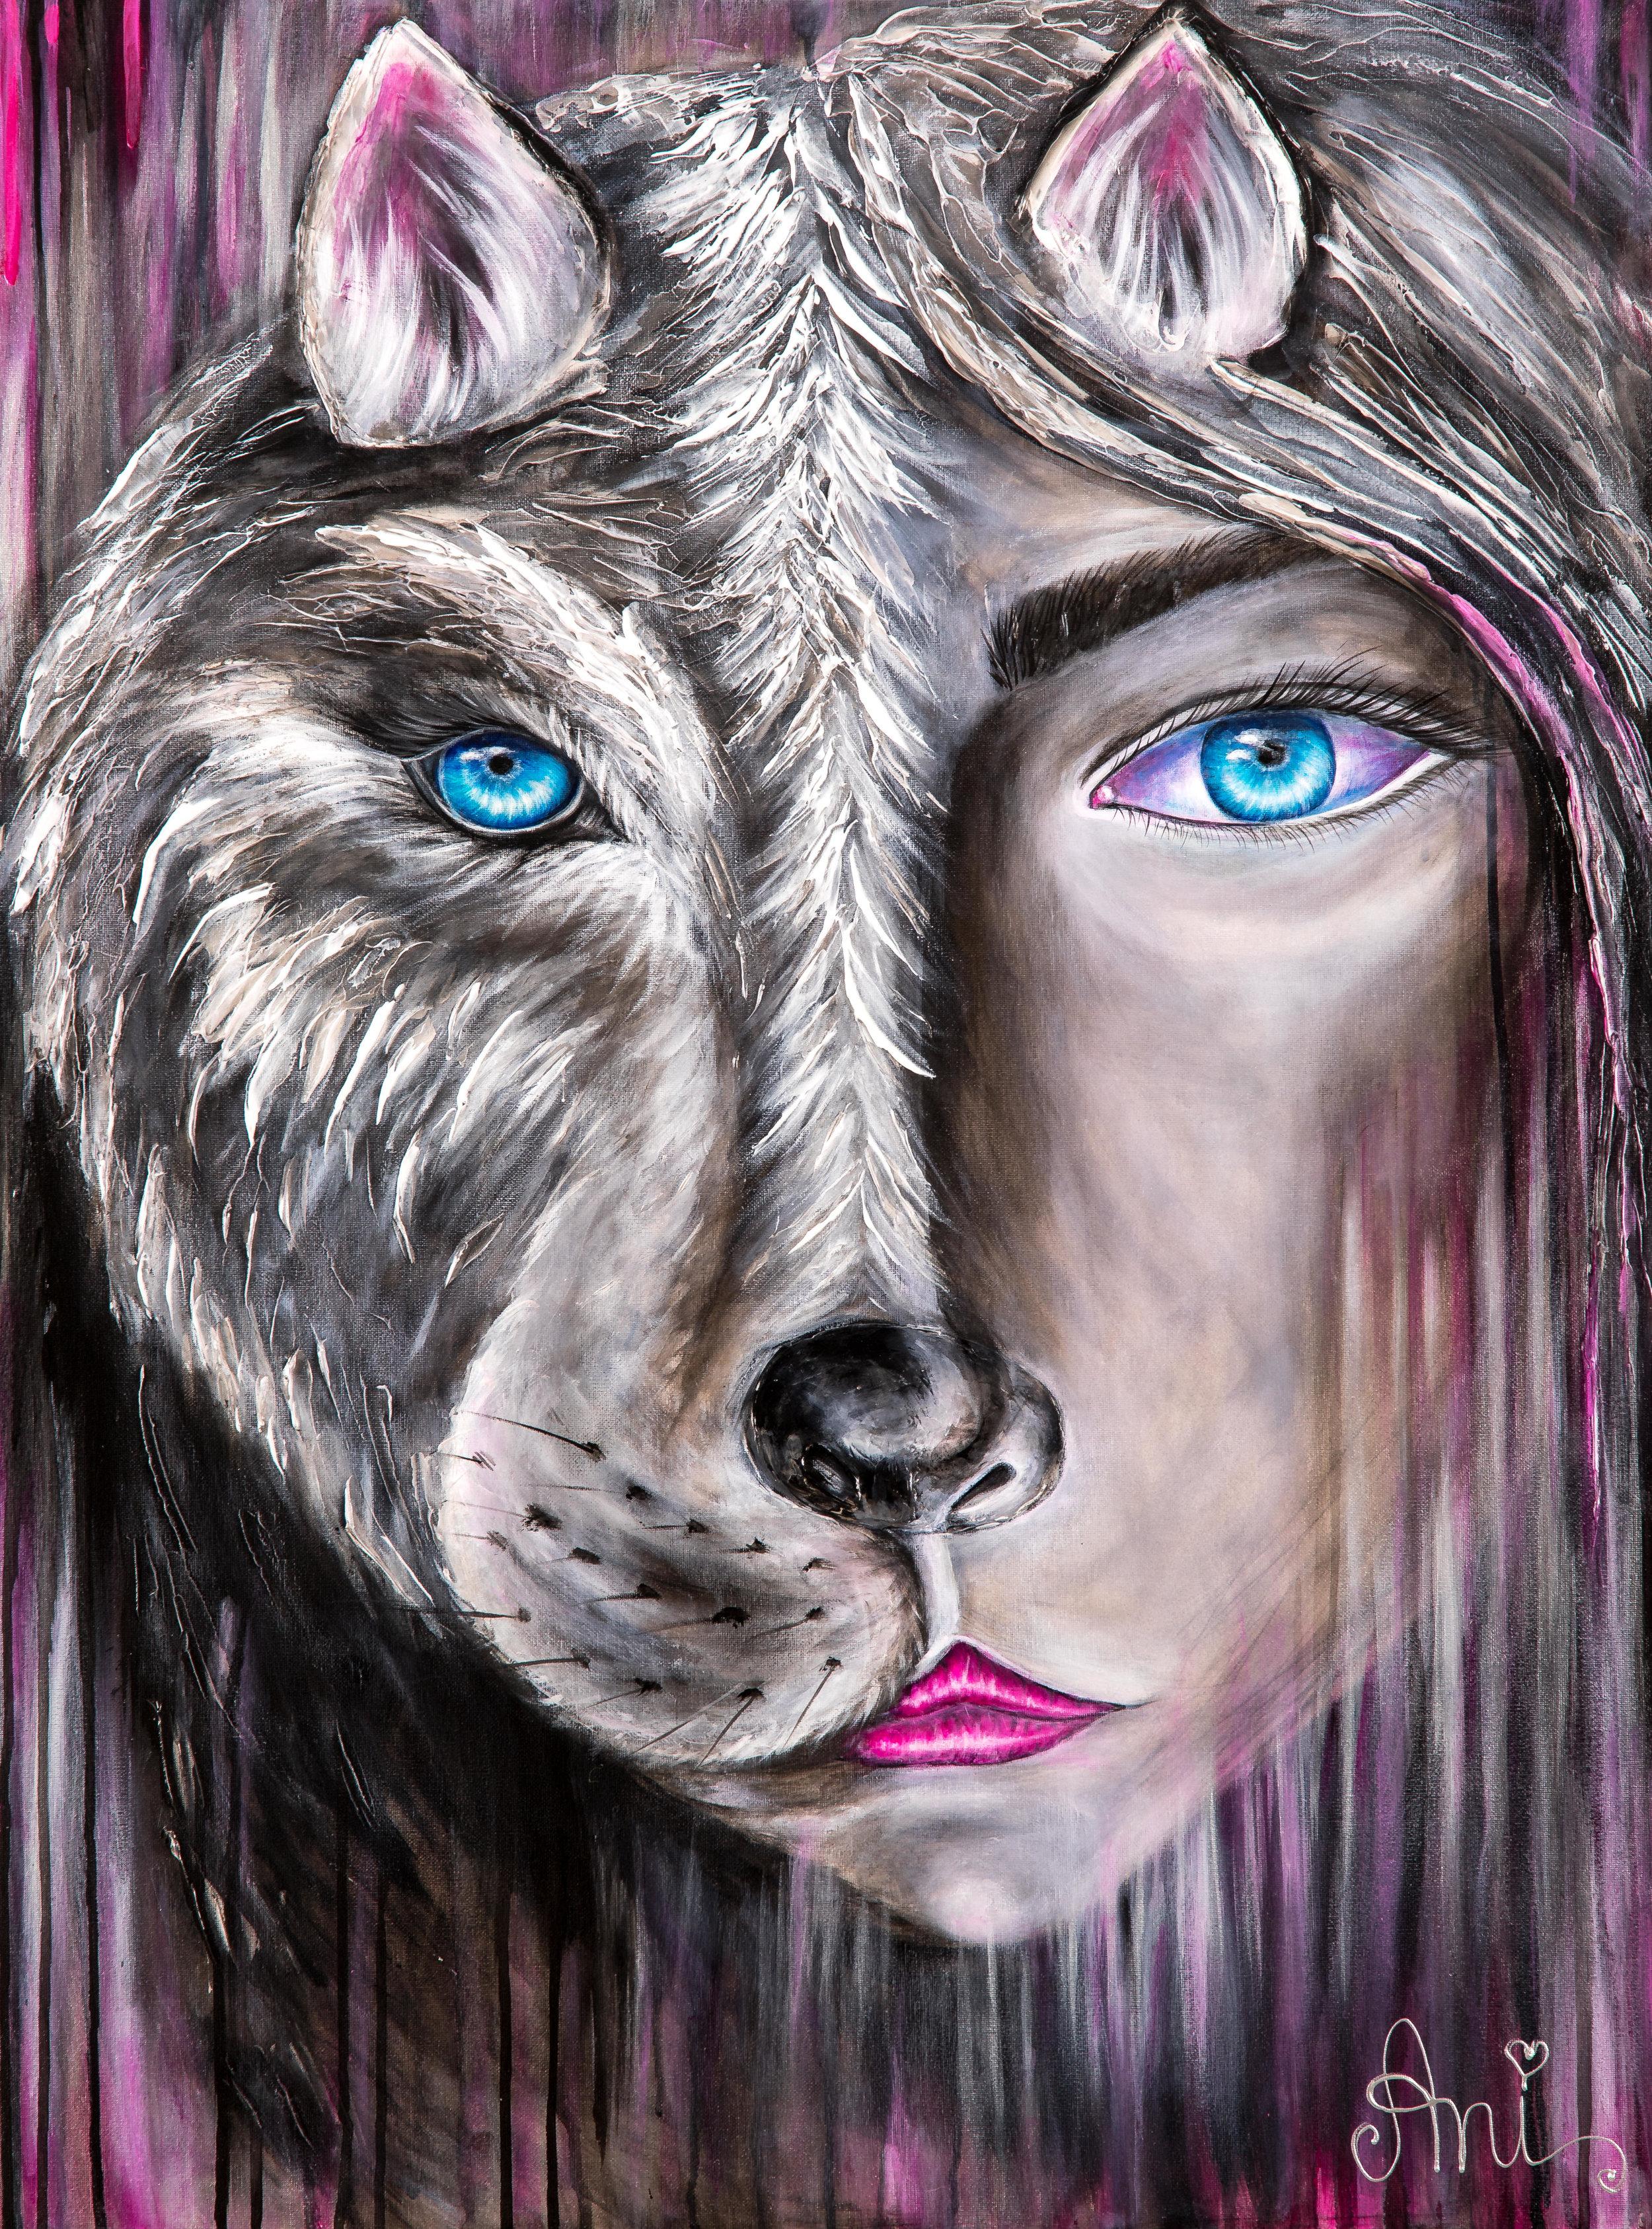 La femme sauvage:  Peinture acrylique sur toile 3D, 100cm x 75cm  Prix: 250€ + frais de livraison